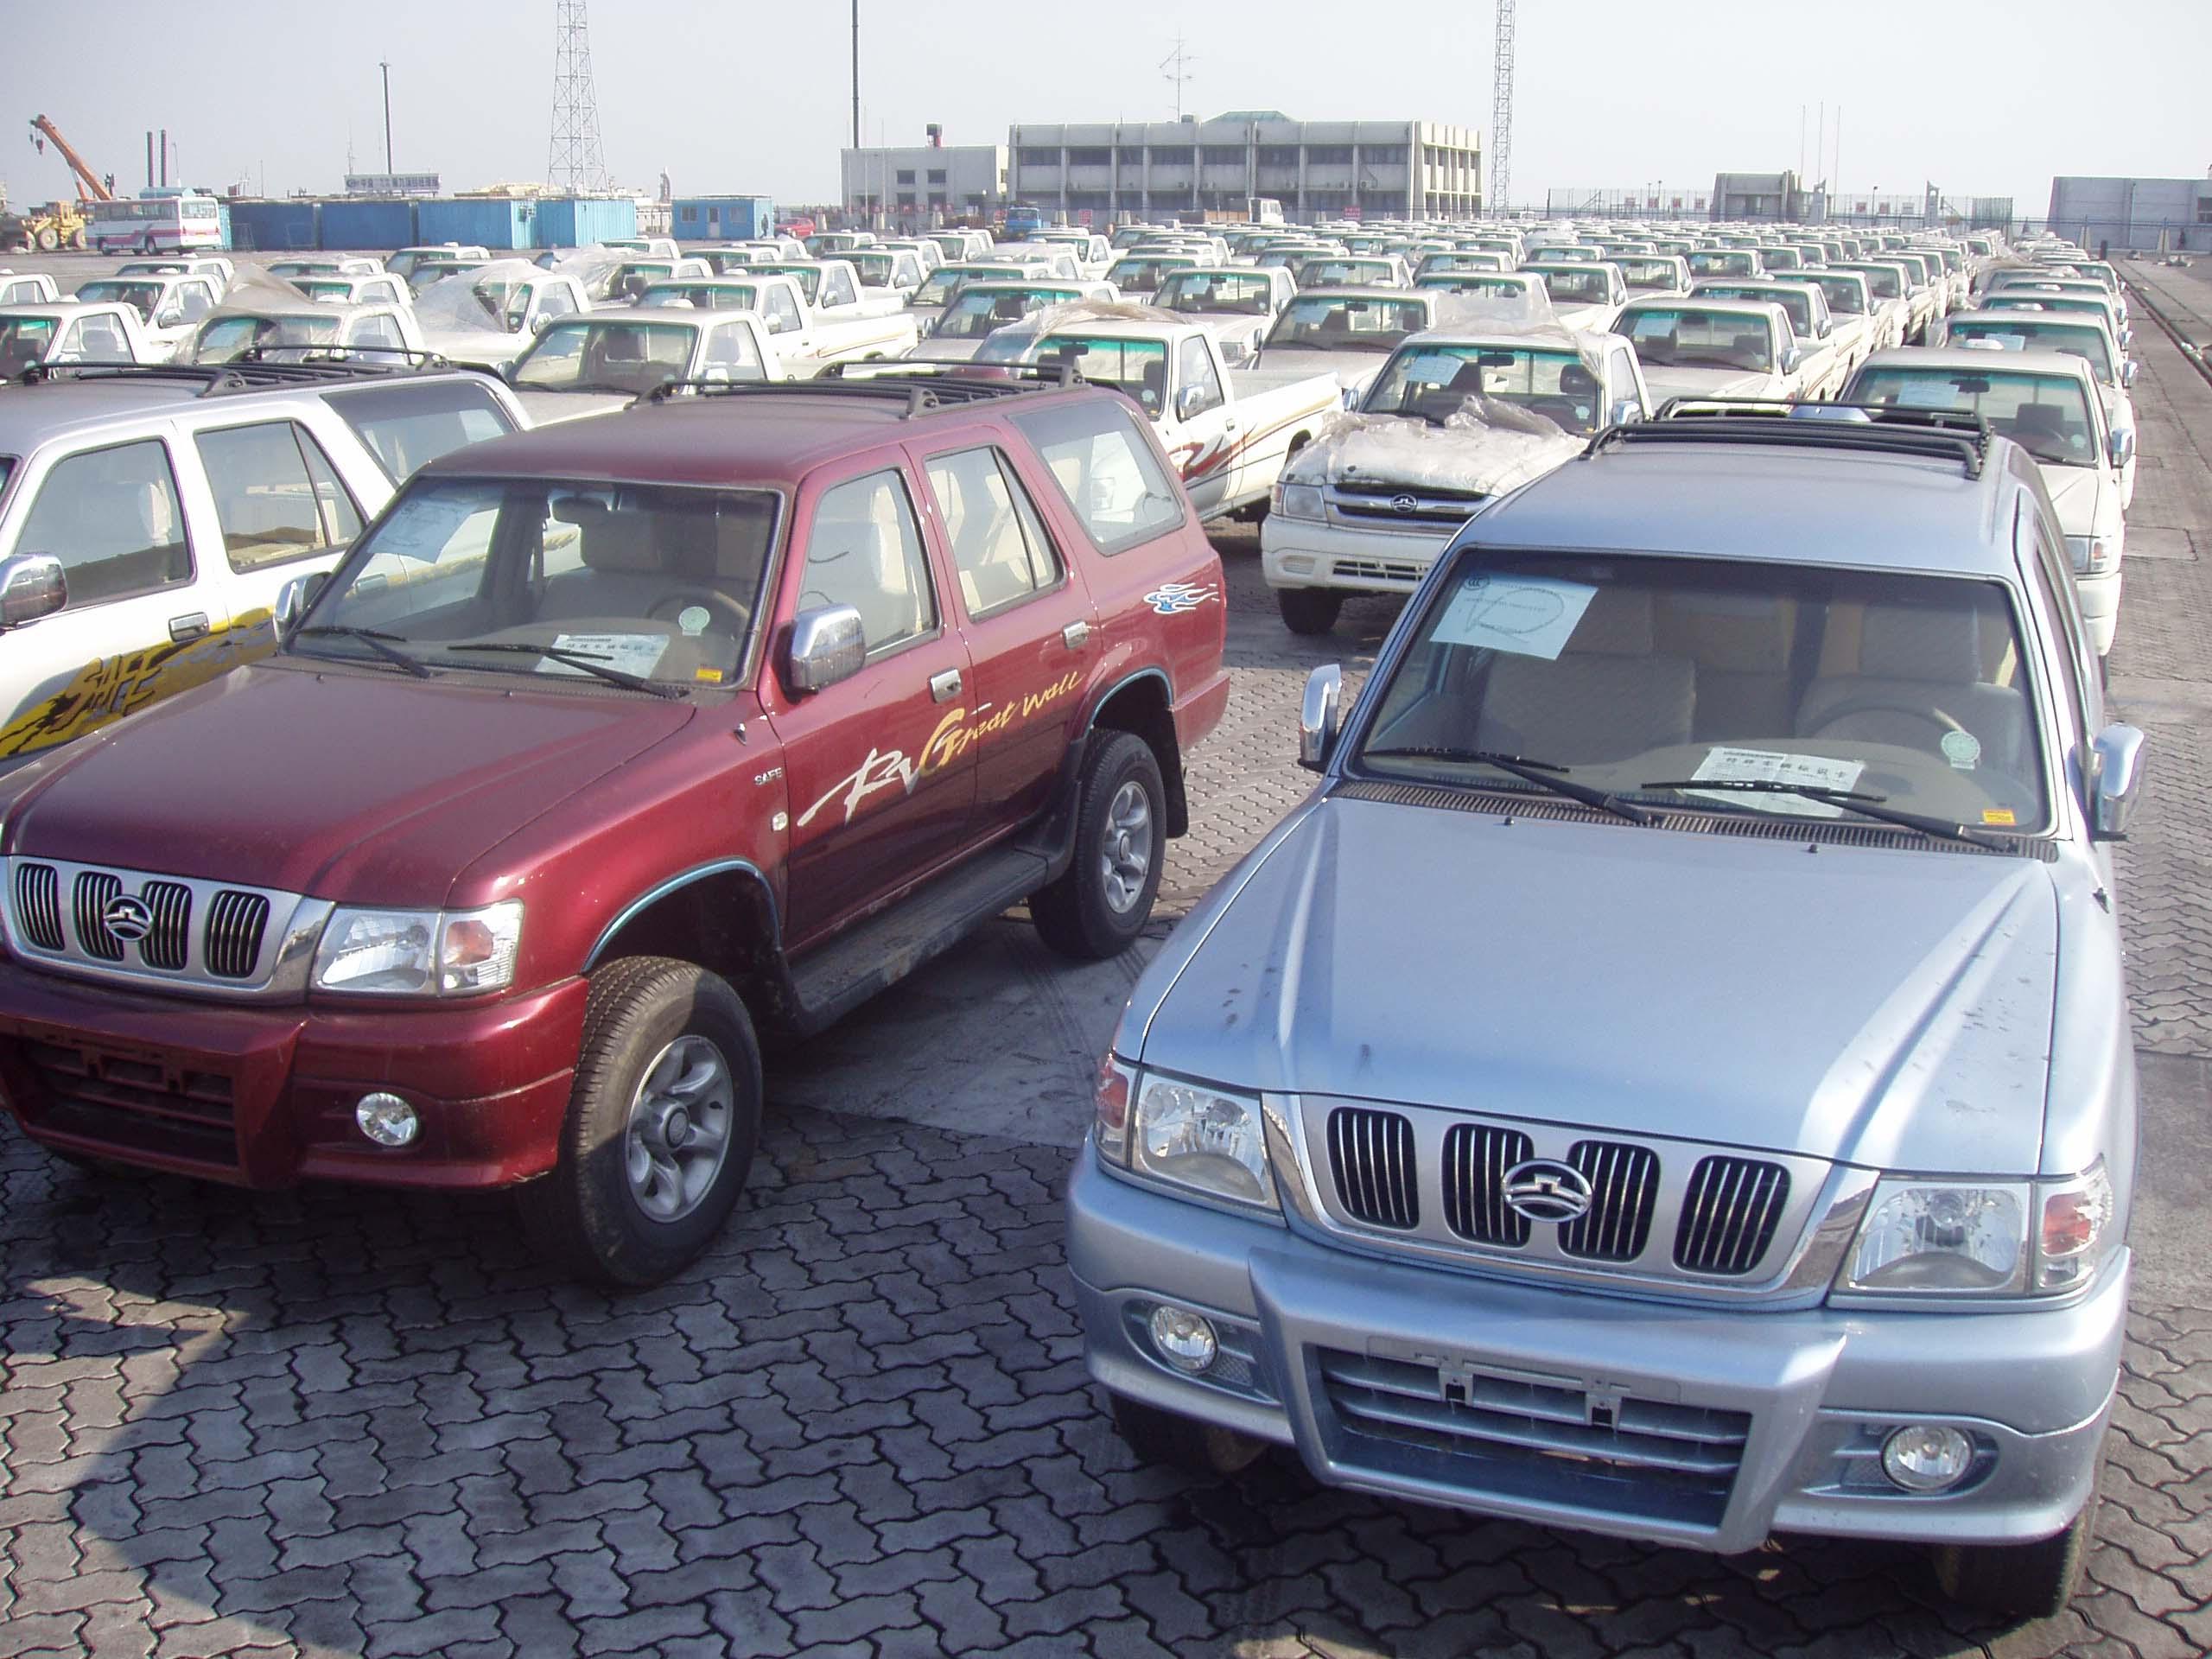 搜狐汽车讯:11月23日,出口沙特等中东国家的450辆长城汽车在天津新港再次装船出海。这是今年以来长城汽车的第8批出口,出口的品种有:旗下迪尔系列轿卡、国内SUV销量冠军赛弗以及5辆长城大客车。按计划今后还将有大批量出口。   在国内,长城是即将在境外上市的最大民营汽车企业,以稳健经营而著称,向来的作风是做了再说,说到做到。而在国际市场,该公司注重良性的市场开发,既追求出口的数量,更追求出口的质量效益,如赛弗SUV,在国内的售价为8.